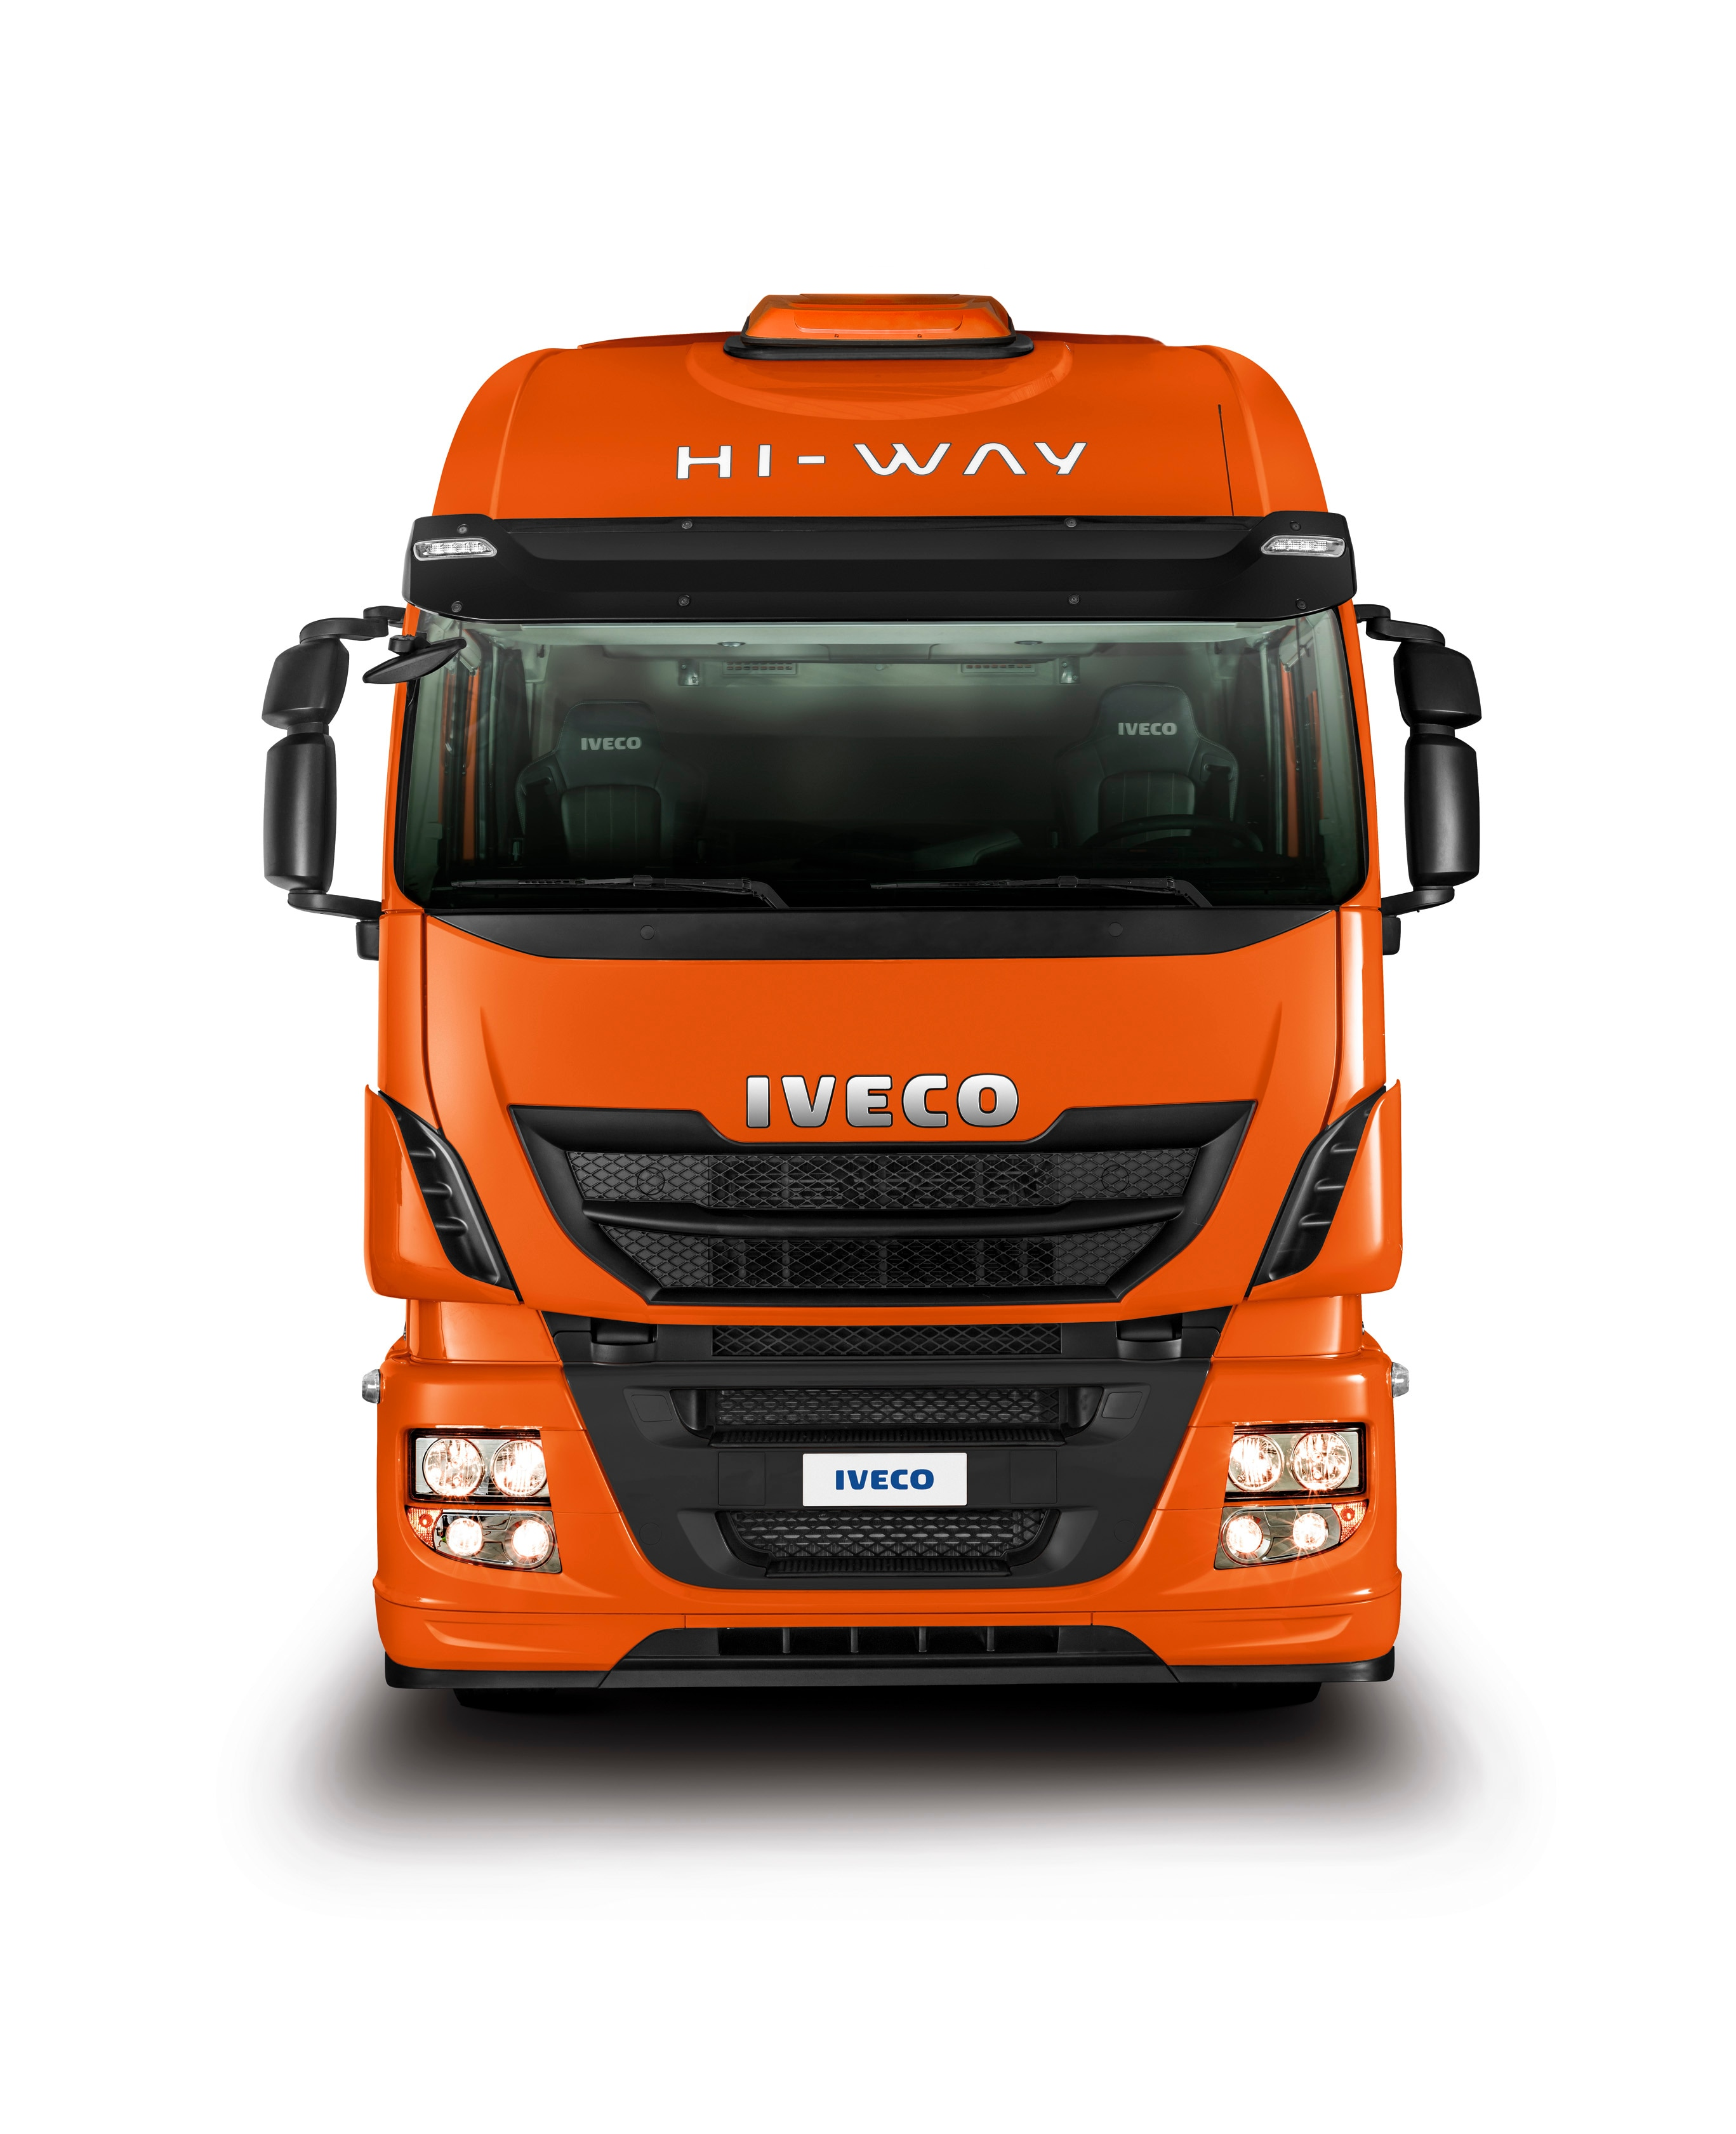 Iveco renova a linha pesada e lança serviço de telemetria e monitoramento